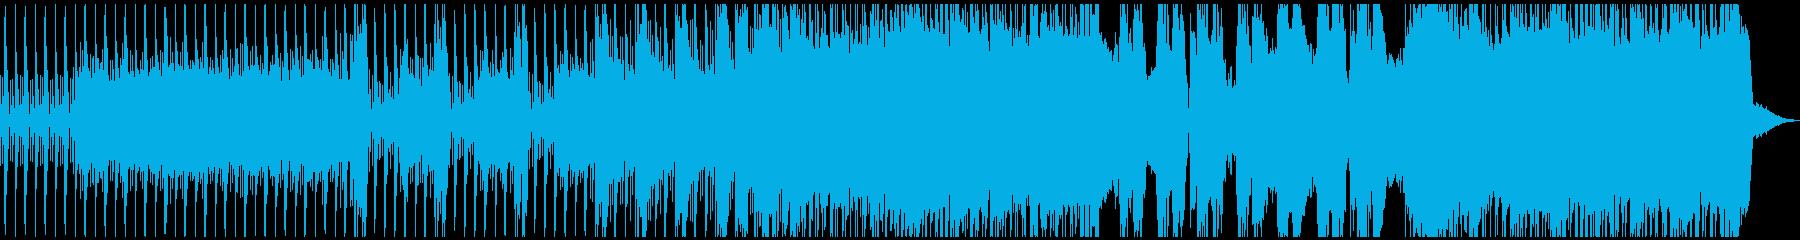 猛烈にキャッチーなギターリフに爆発...の再生済みの波形